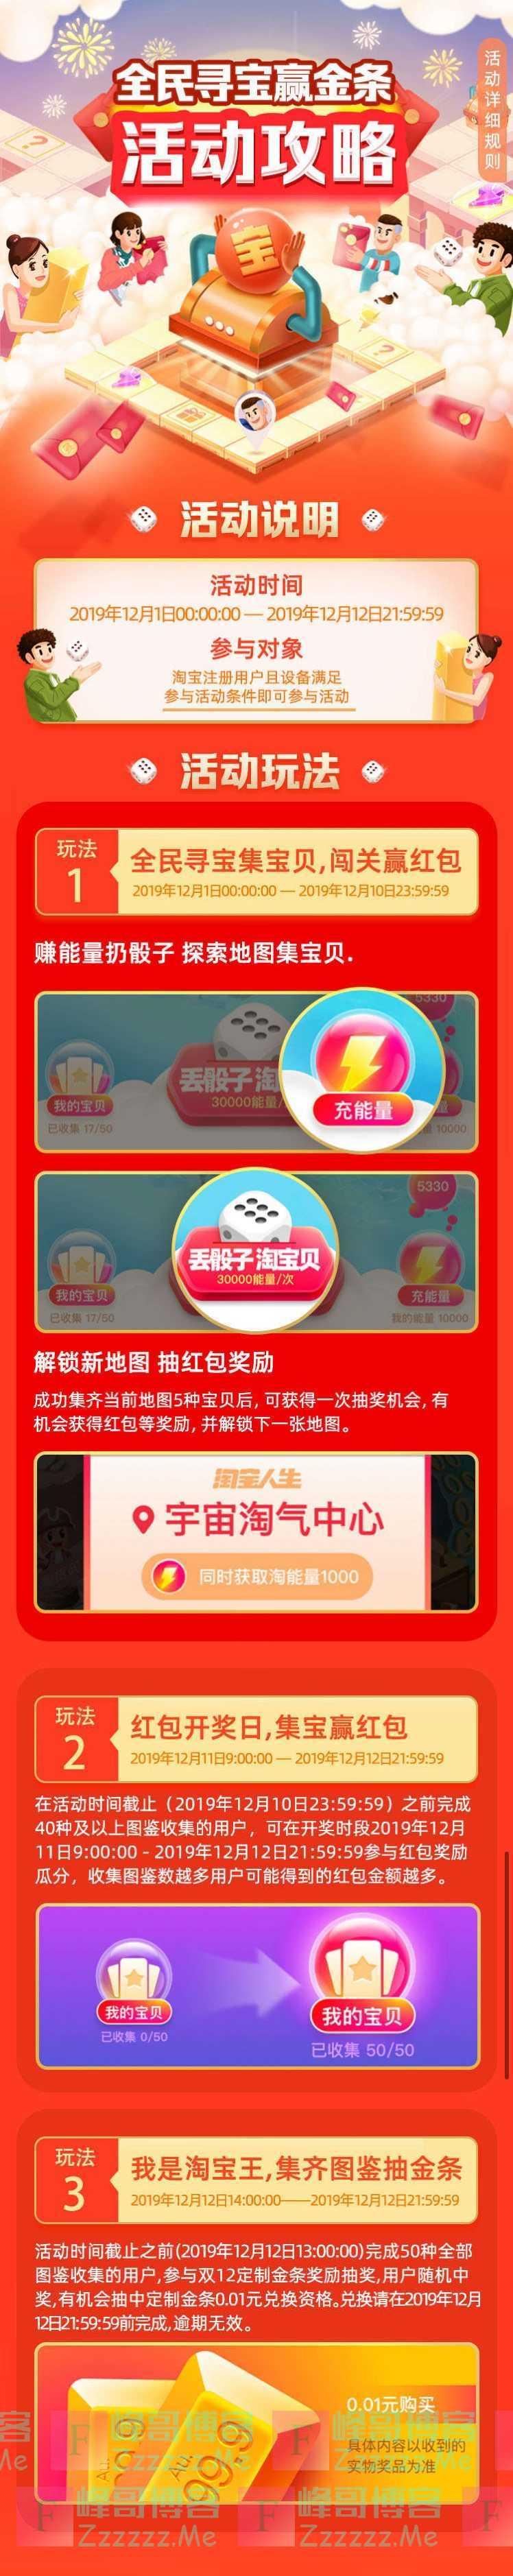 淘宝全民寻宝赢金条(12月12日截止)